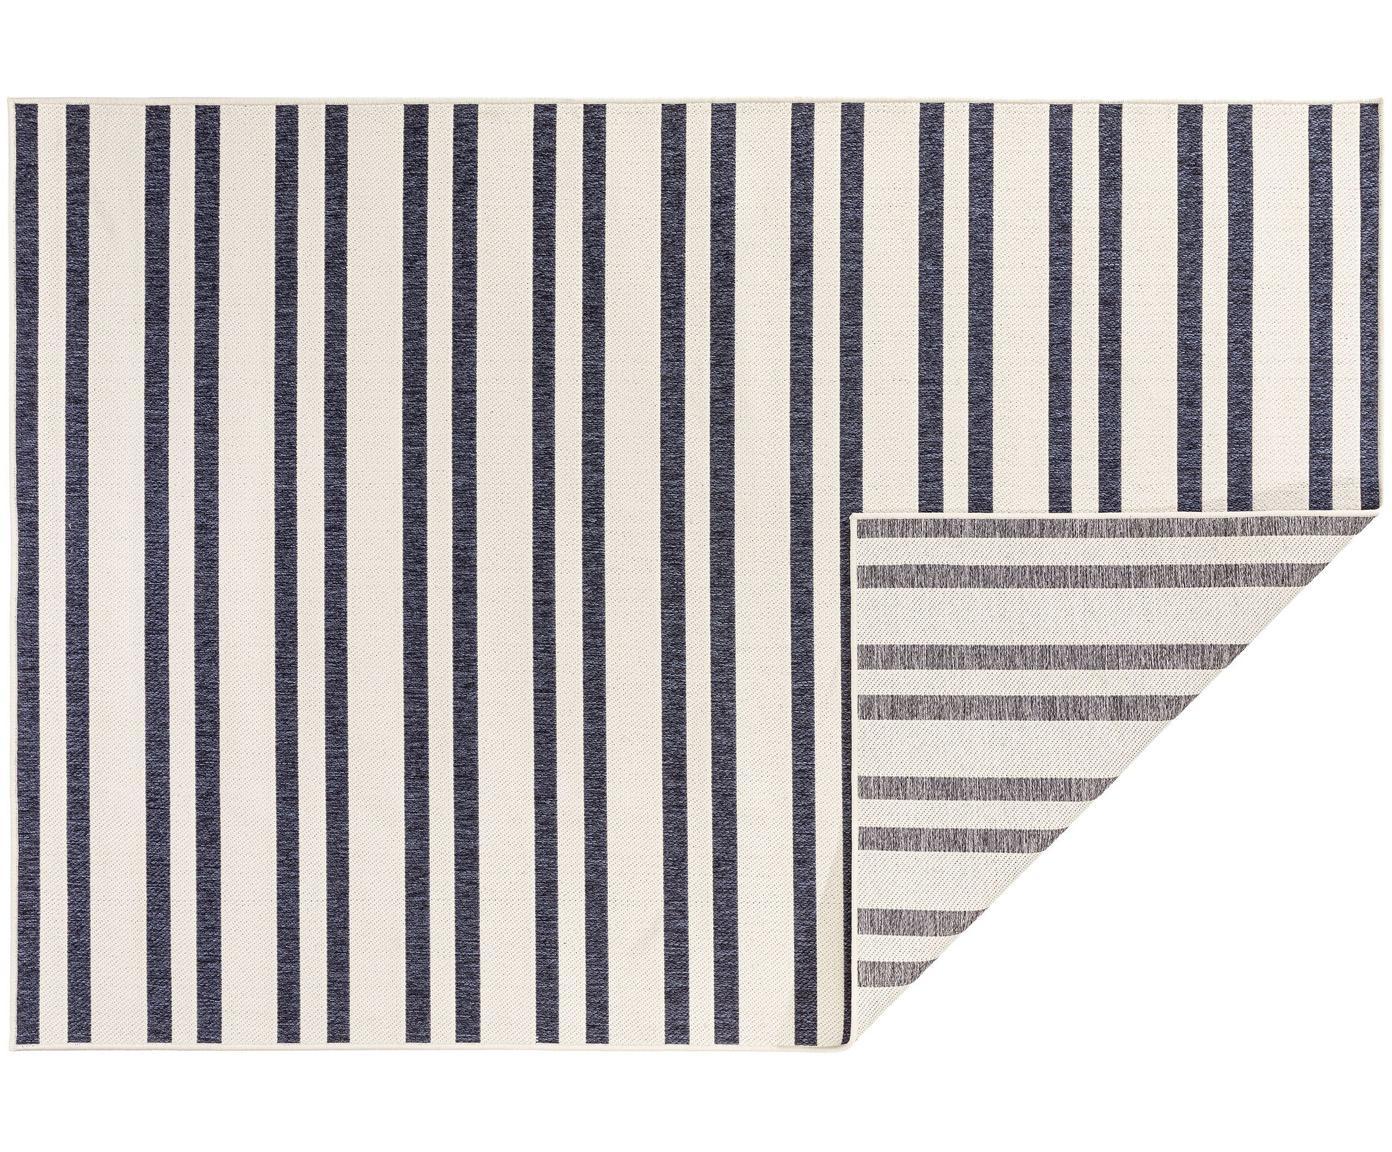 Gestreept in- & outdoor vloerkleed Terrazzo, Polypropyleen, Grijs, blauw, B 160 x L 235 cm (maat M)